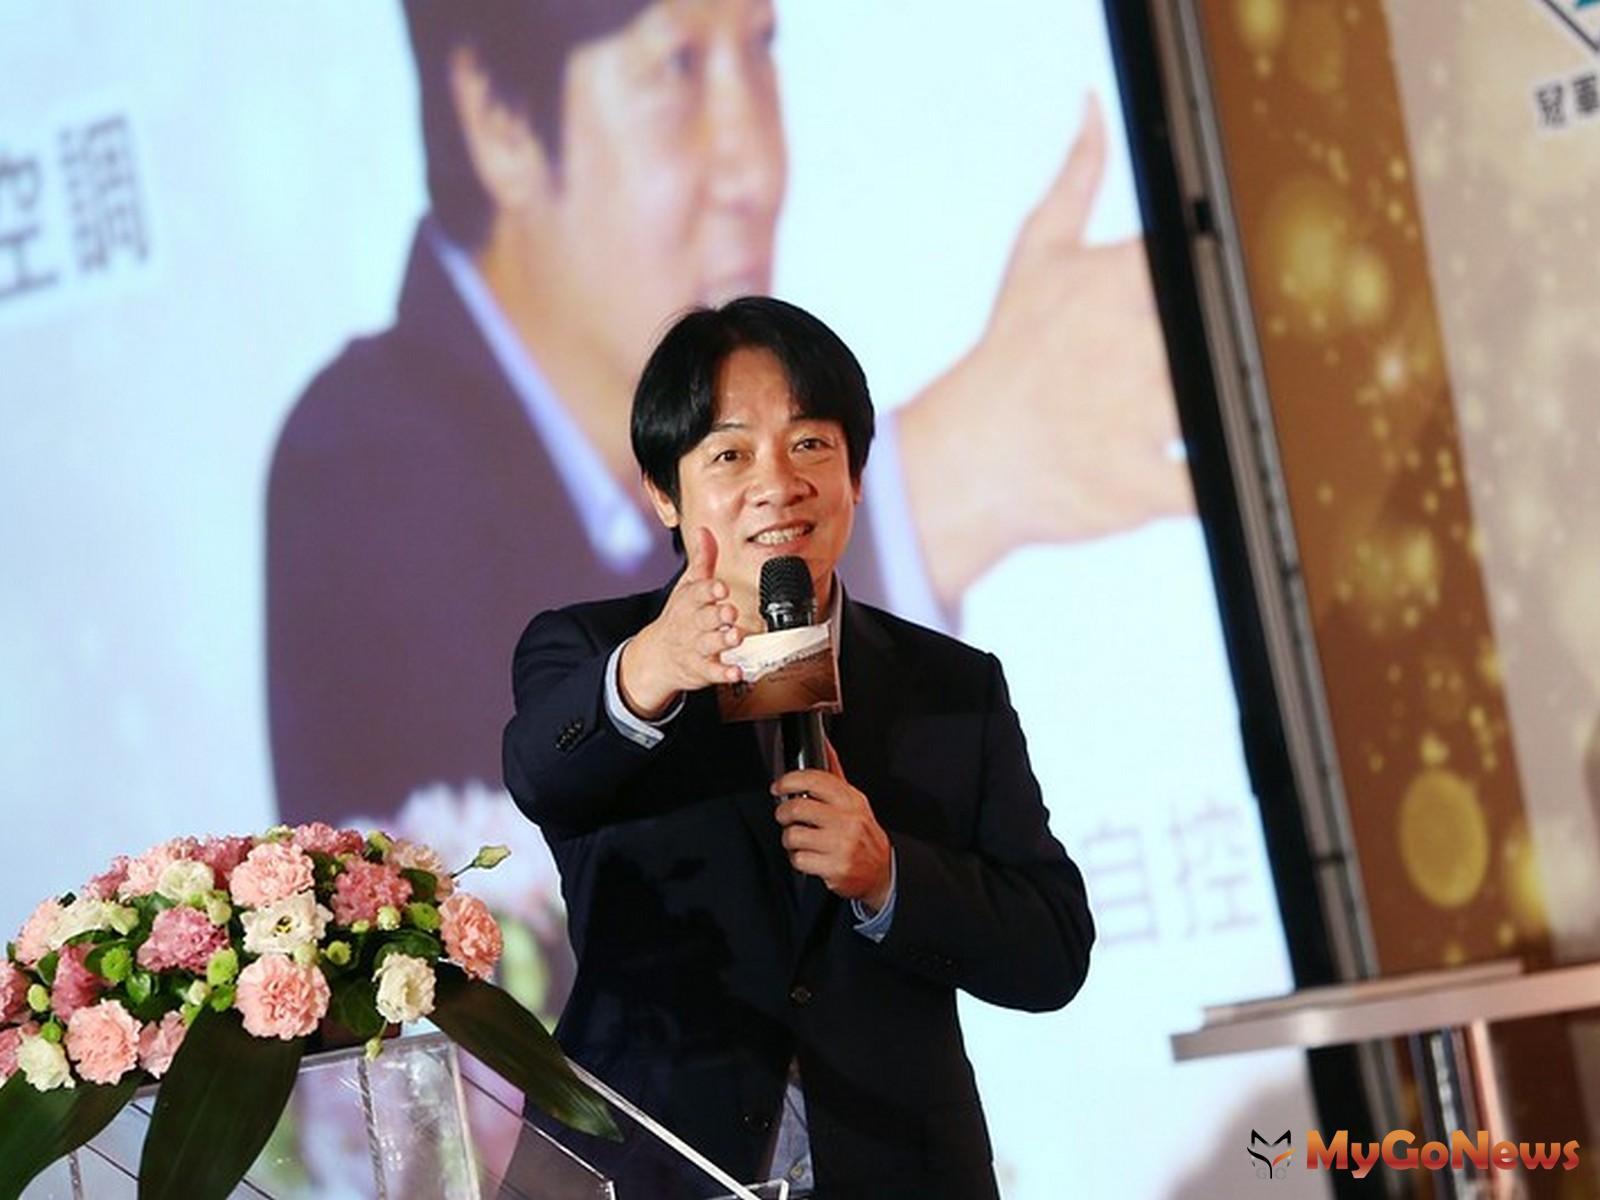 2020國家卓越建設獎,賴清德副總統:讓台灣建築因應氣候變遷,照顧年長者居住需求,且能兼顧智慧綠建築(圖:總統府) MyGoNews房地產新聞 市場快訊